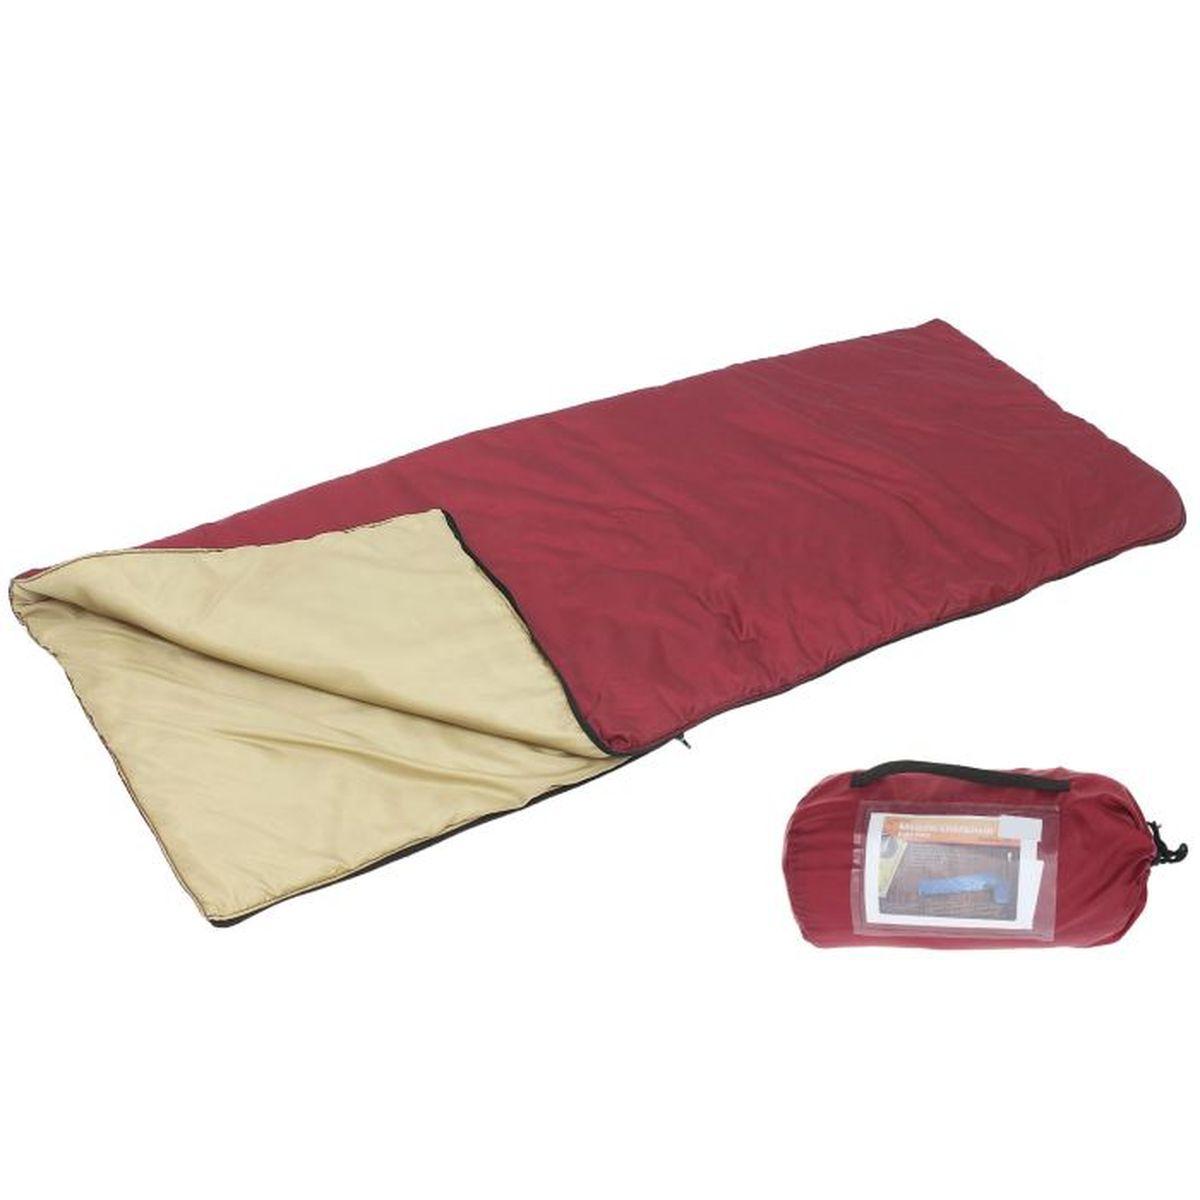 Спальный мешок Onlitop, цвет: красный, бежевый, правосторонняя молния95422-233-LeftКомфортный, просторный и очень теплый 3-х сезонный спальник предназначен для походов и для отдыха на природе не только в летнее время, но и в прохладные дни весенне-осеннего периода. В теплое время спальный мешок можно использовать как одеяло (в том числе и дома).